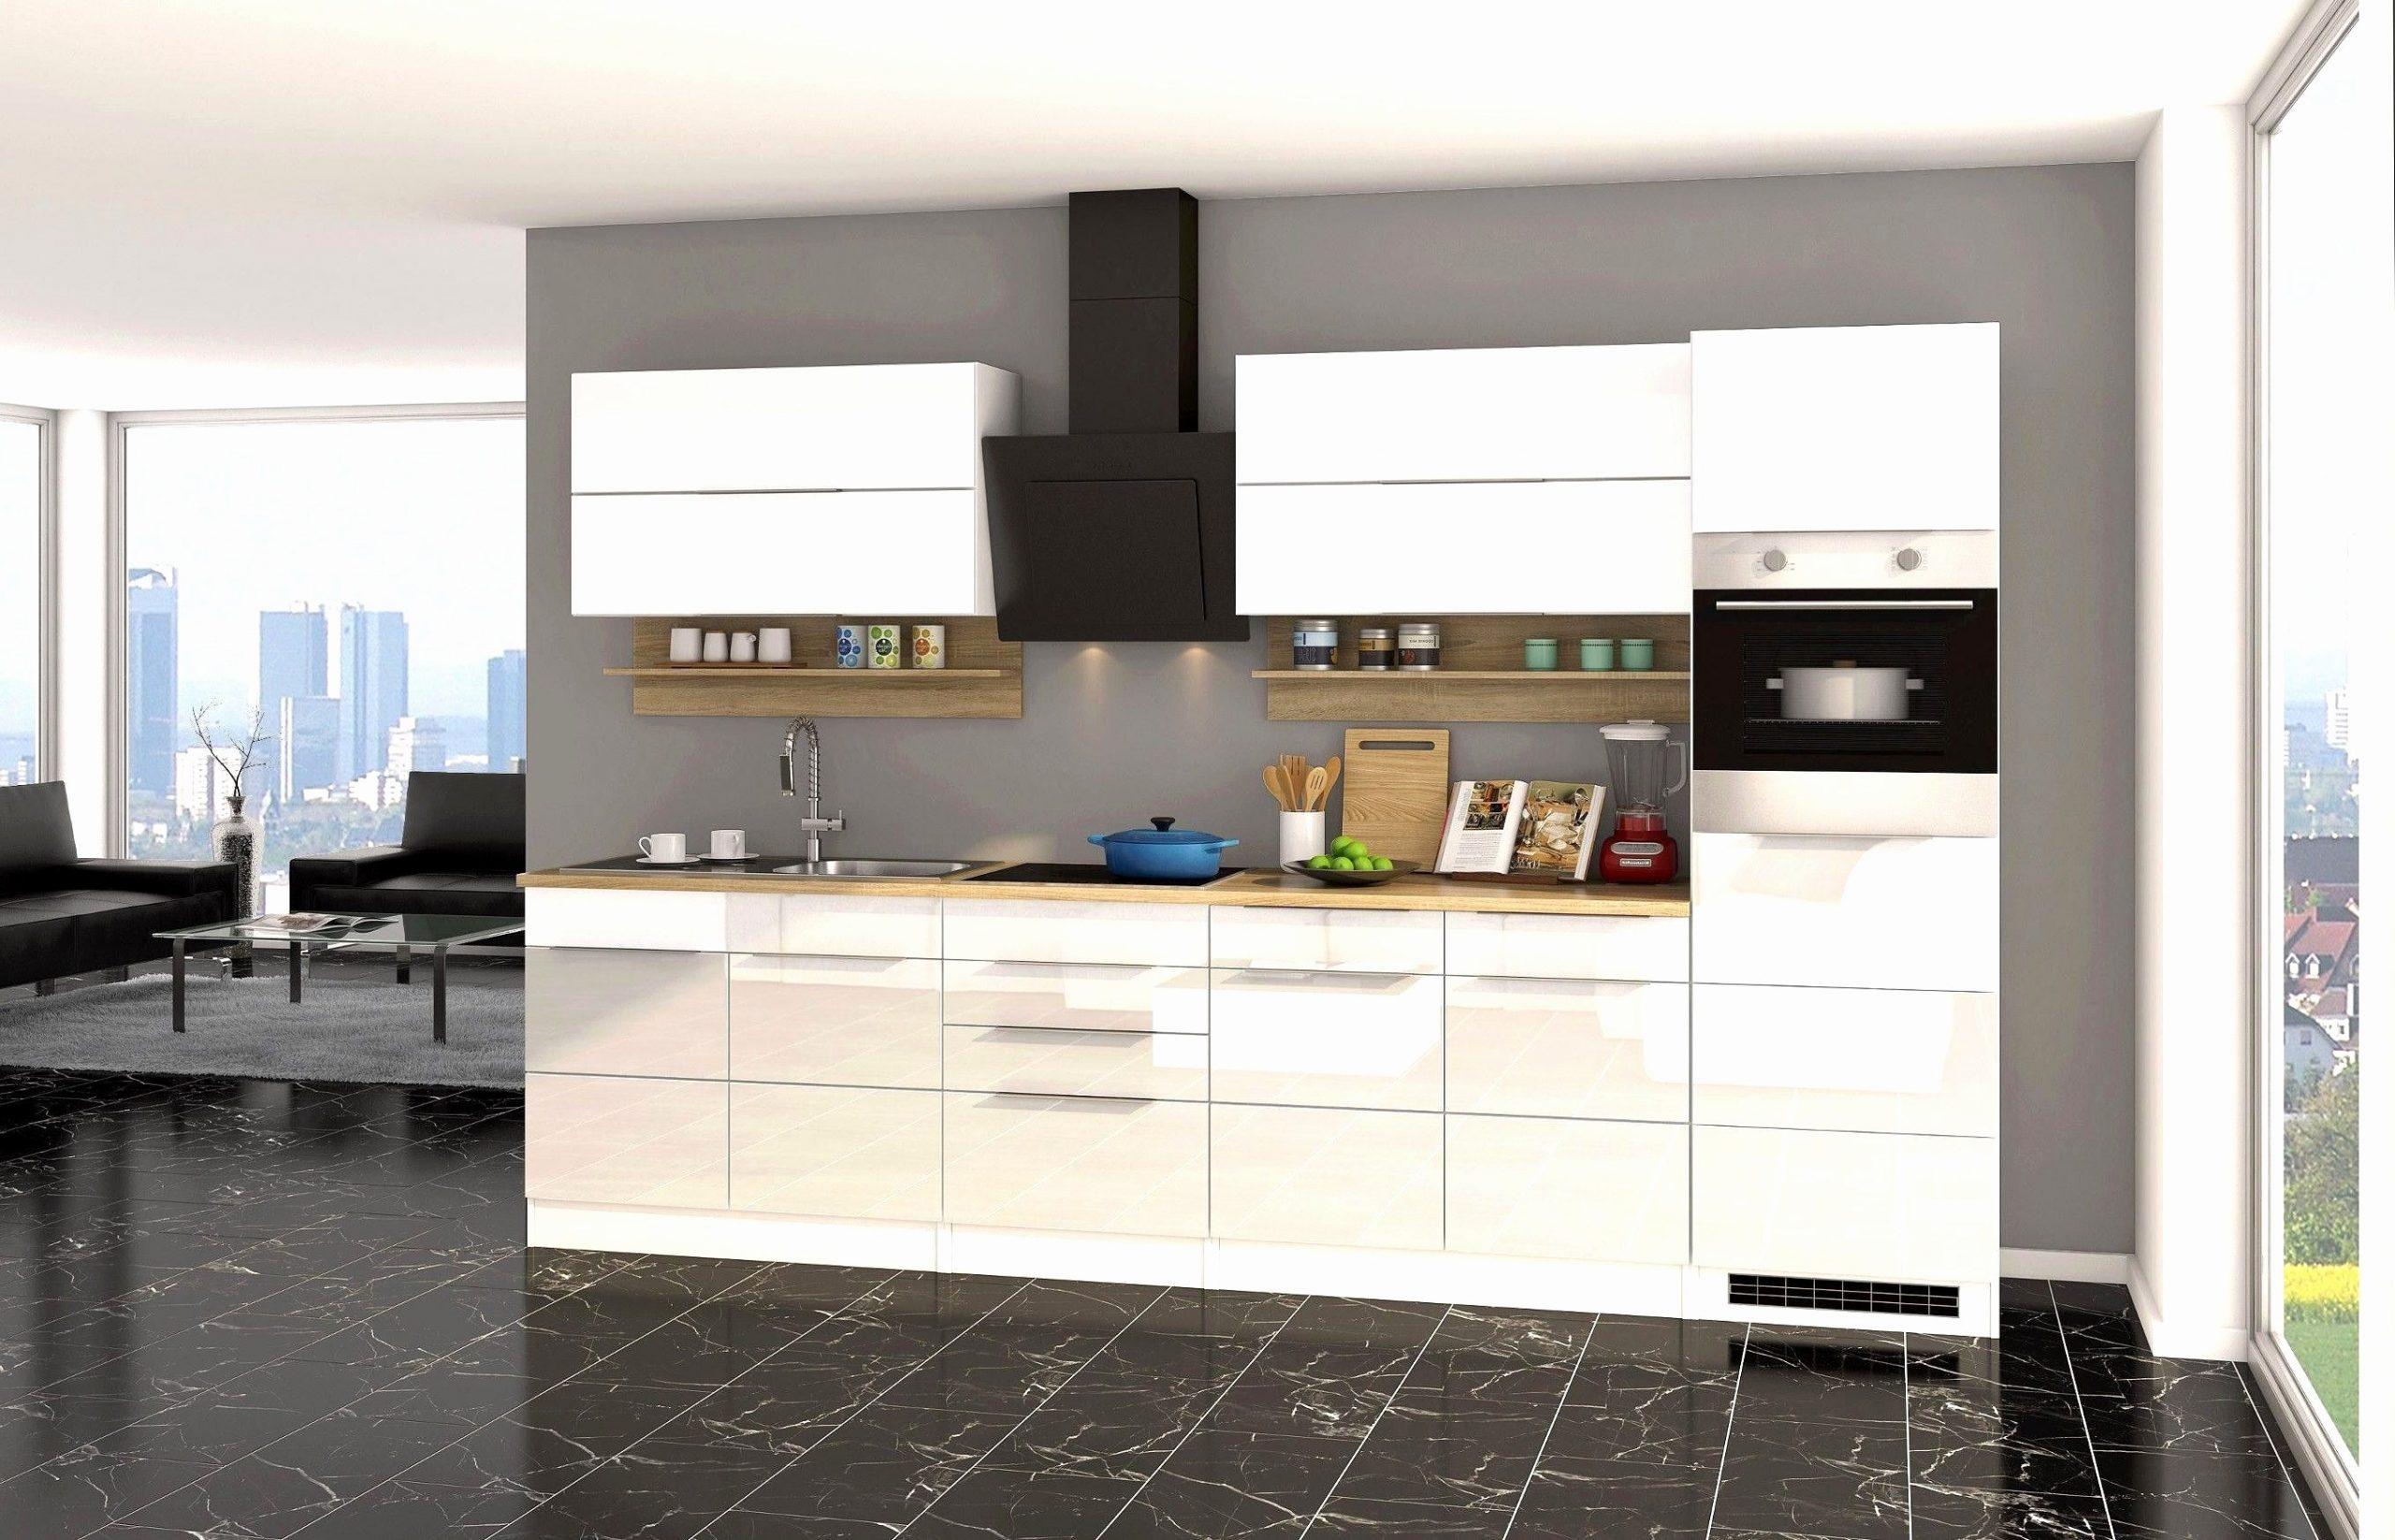 Full Size of Küche Zusammenstellen Online Küche Zusammenstellen Günstig Ikea Küche Zusammenstellen Online Vicco Küche Zusammenstellen Küche Küche Zusammenstellen